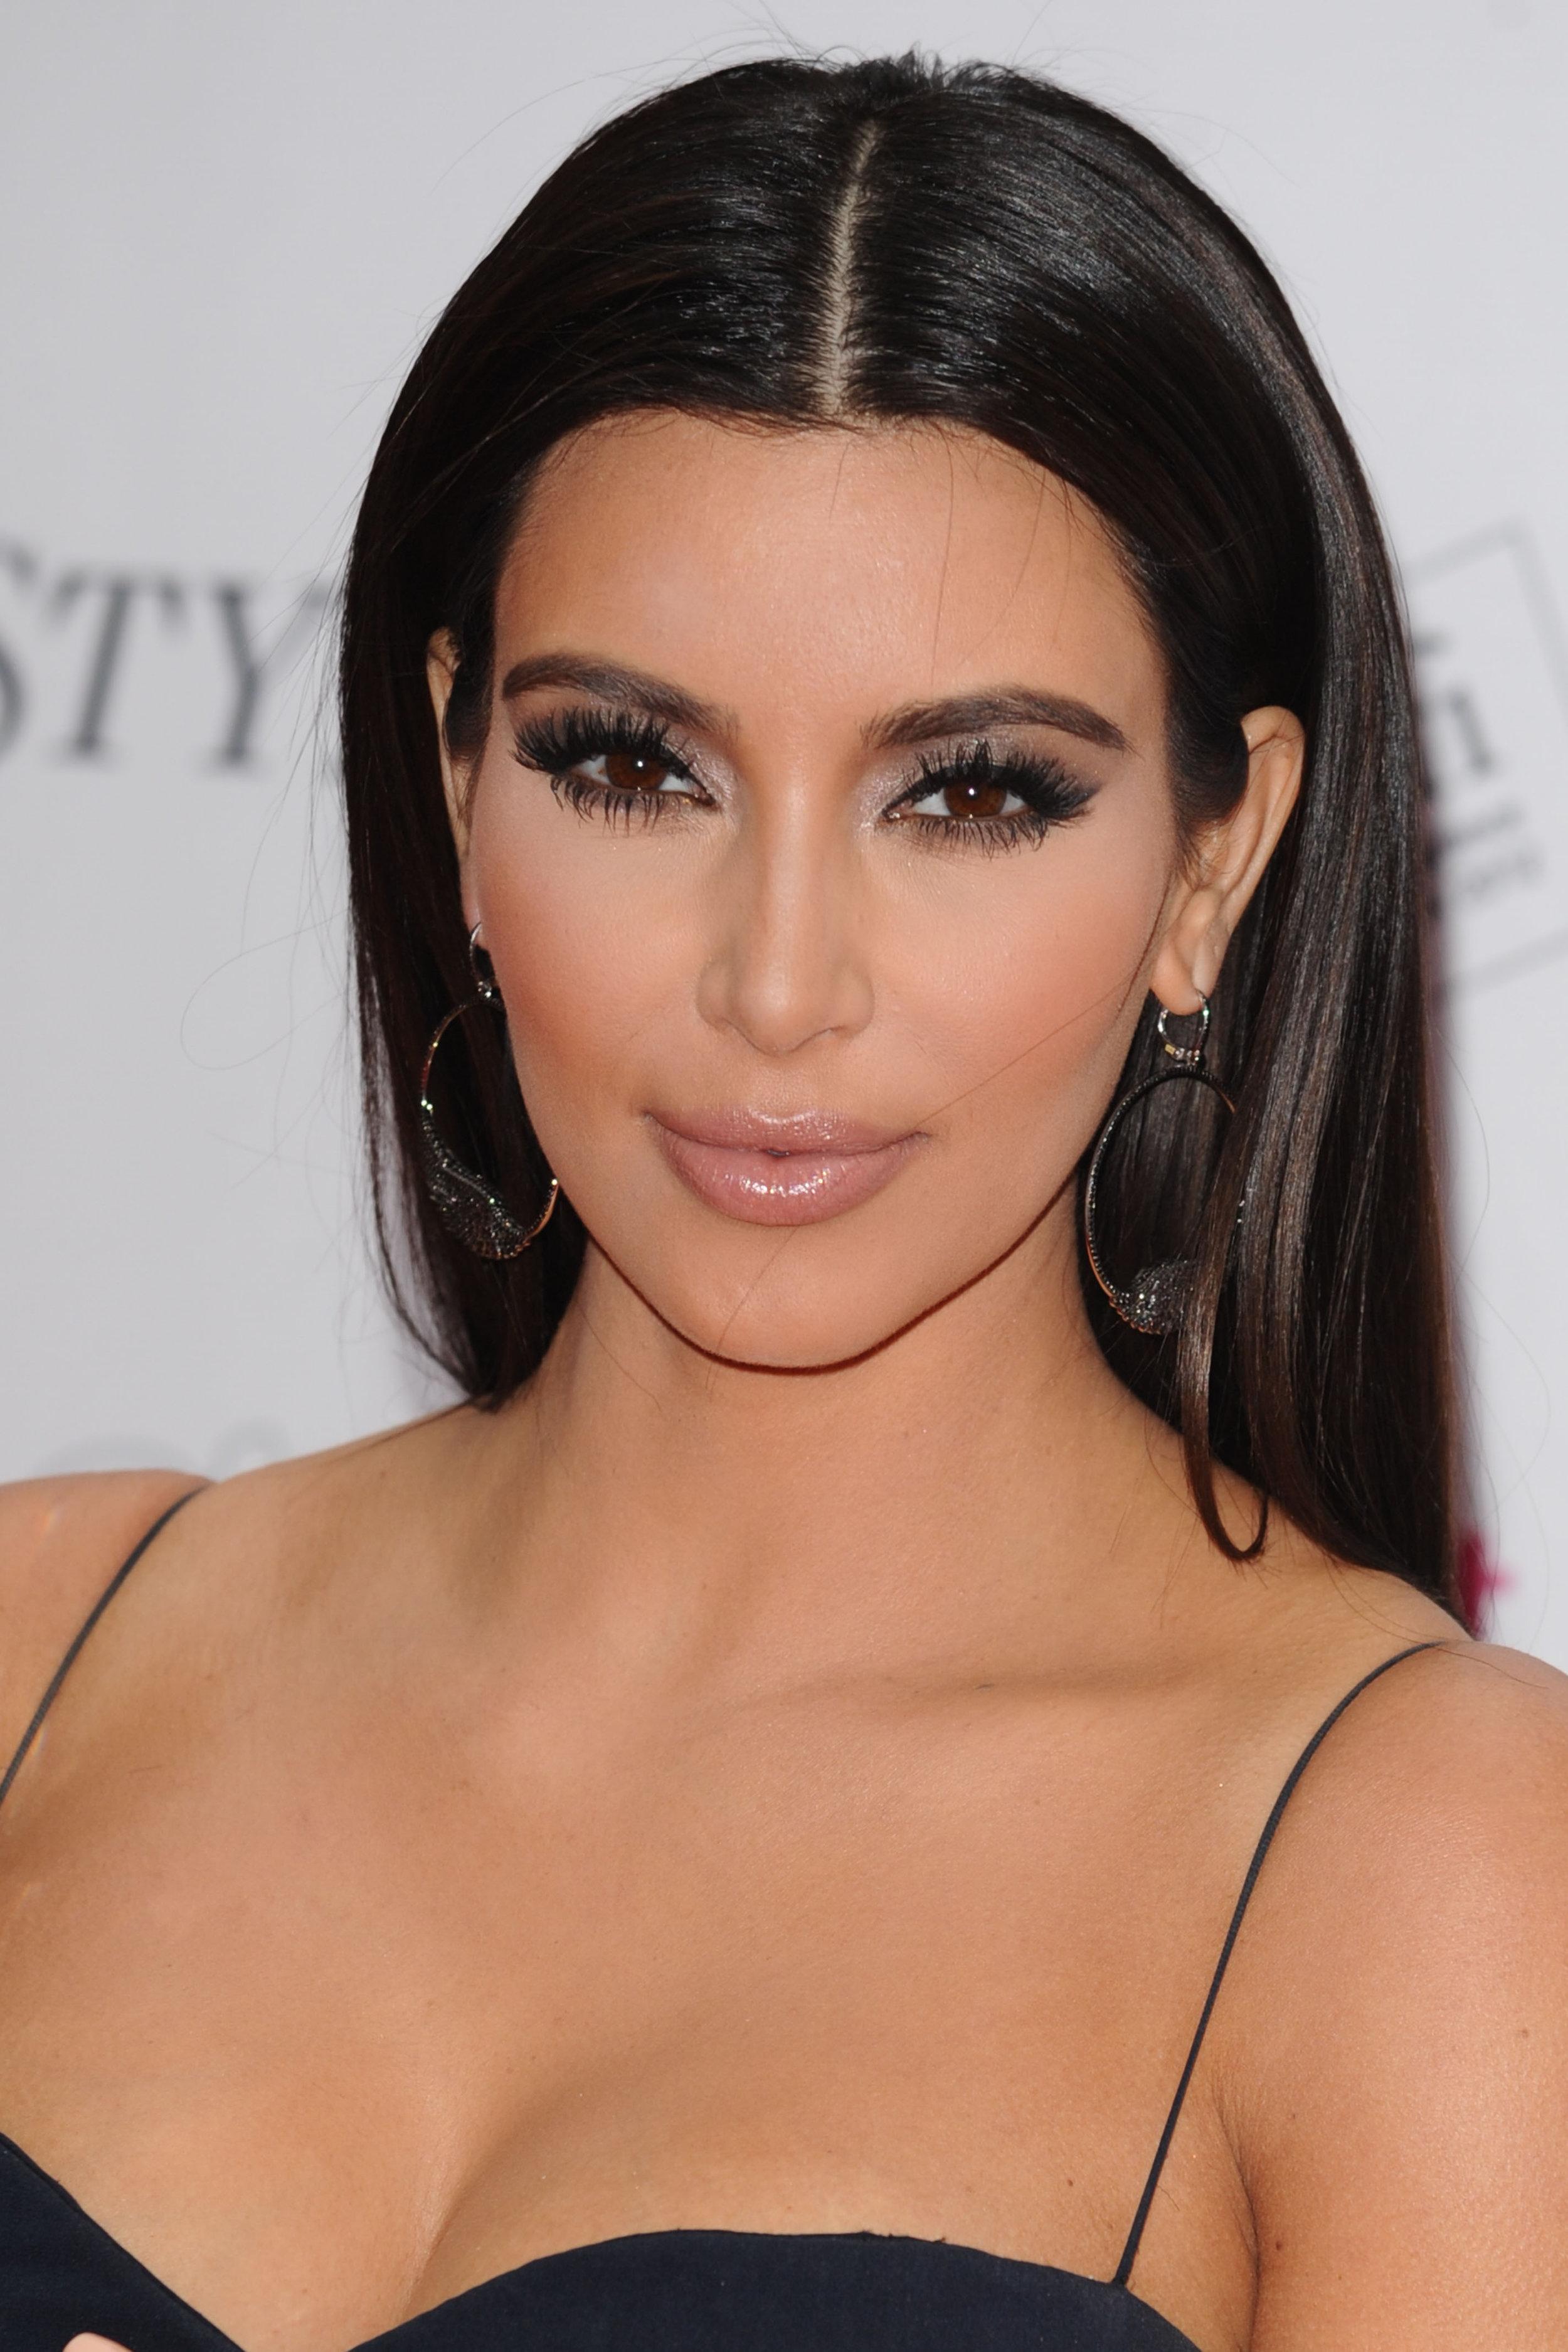 Kim Kardashian - Bathsheba